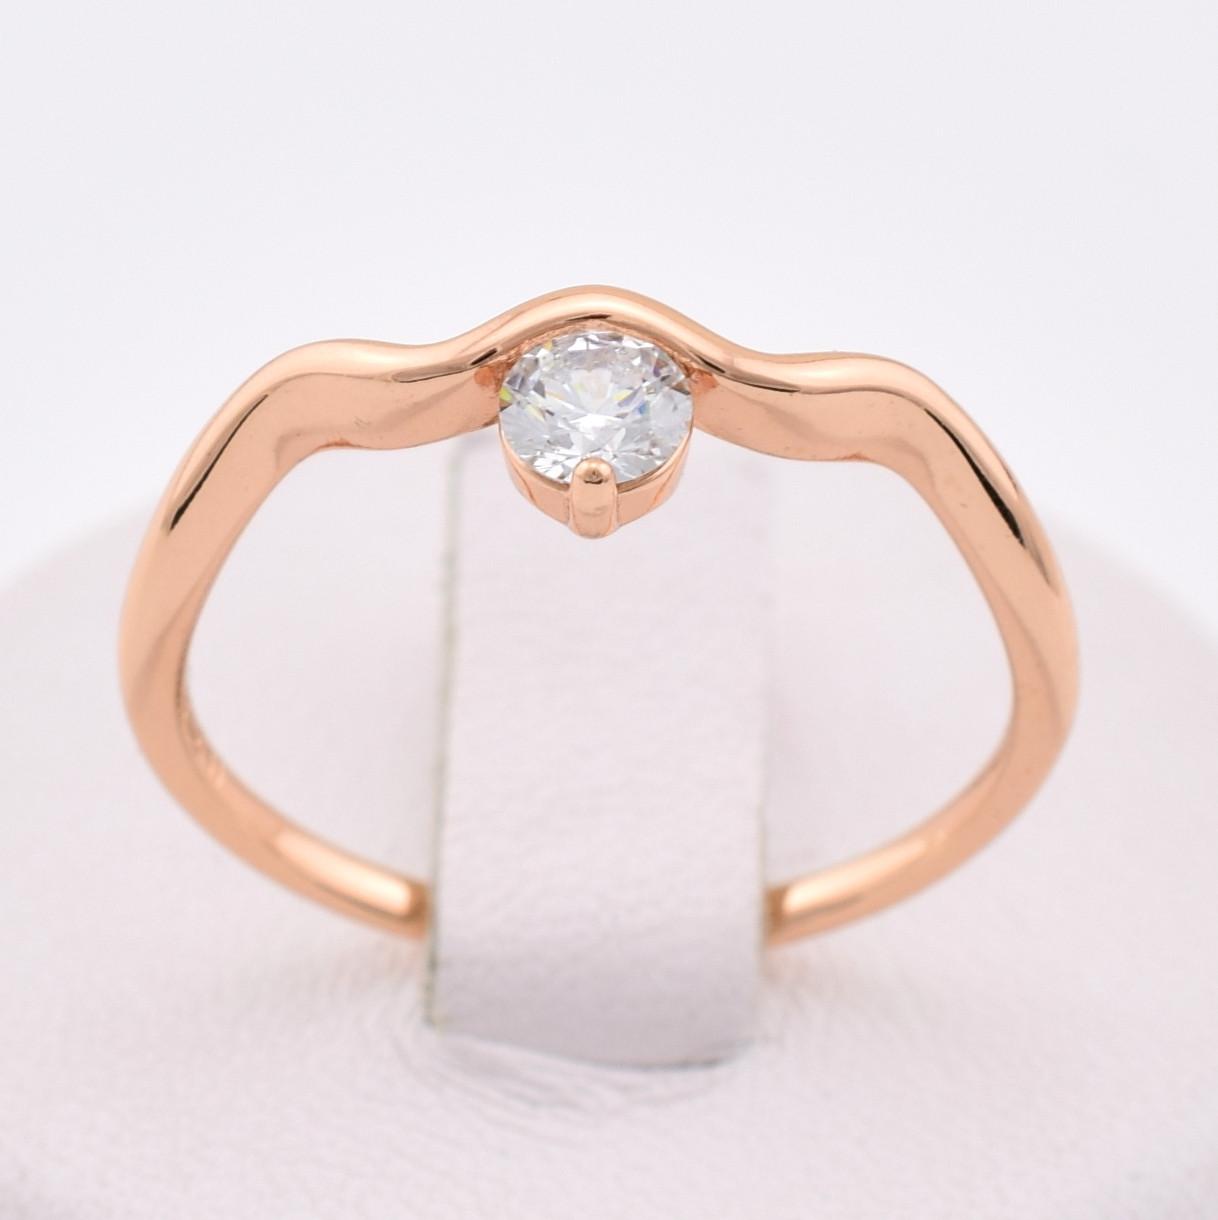 Кольцо 13875-РО размер 17, белый фианит, позолота РО